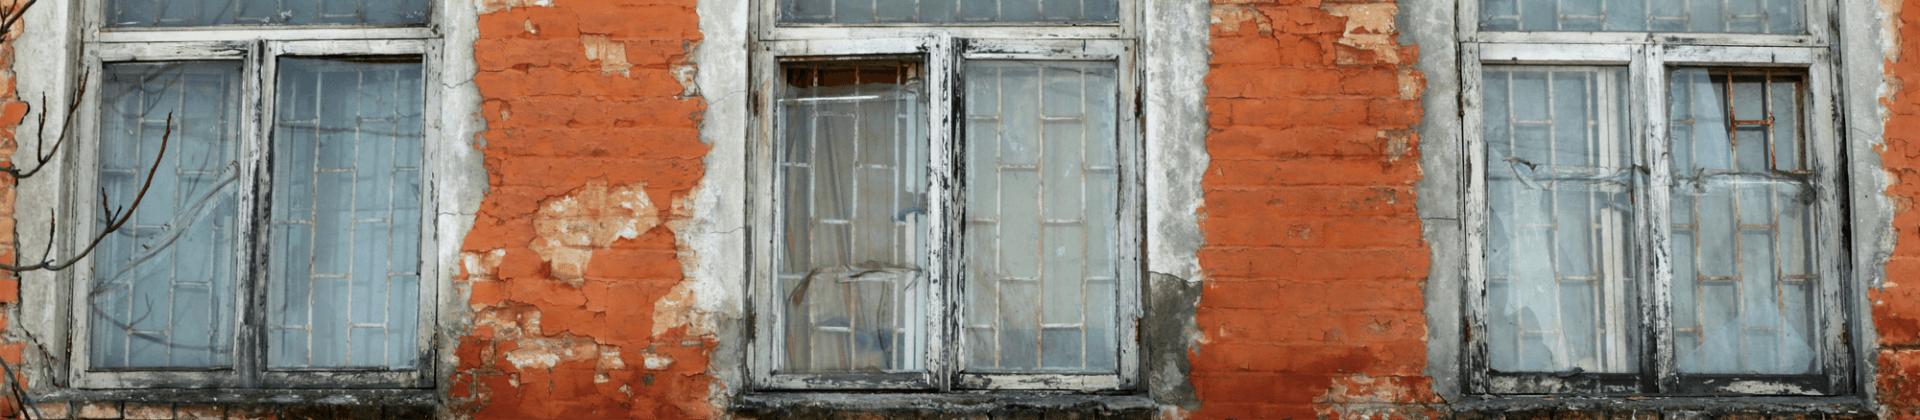 Утилизация и вывоз старых окон